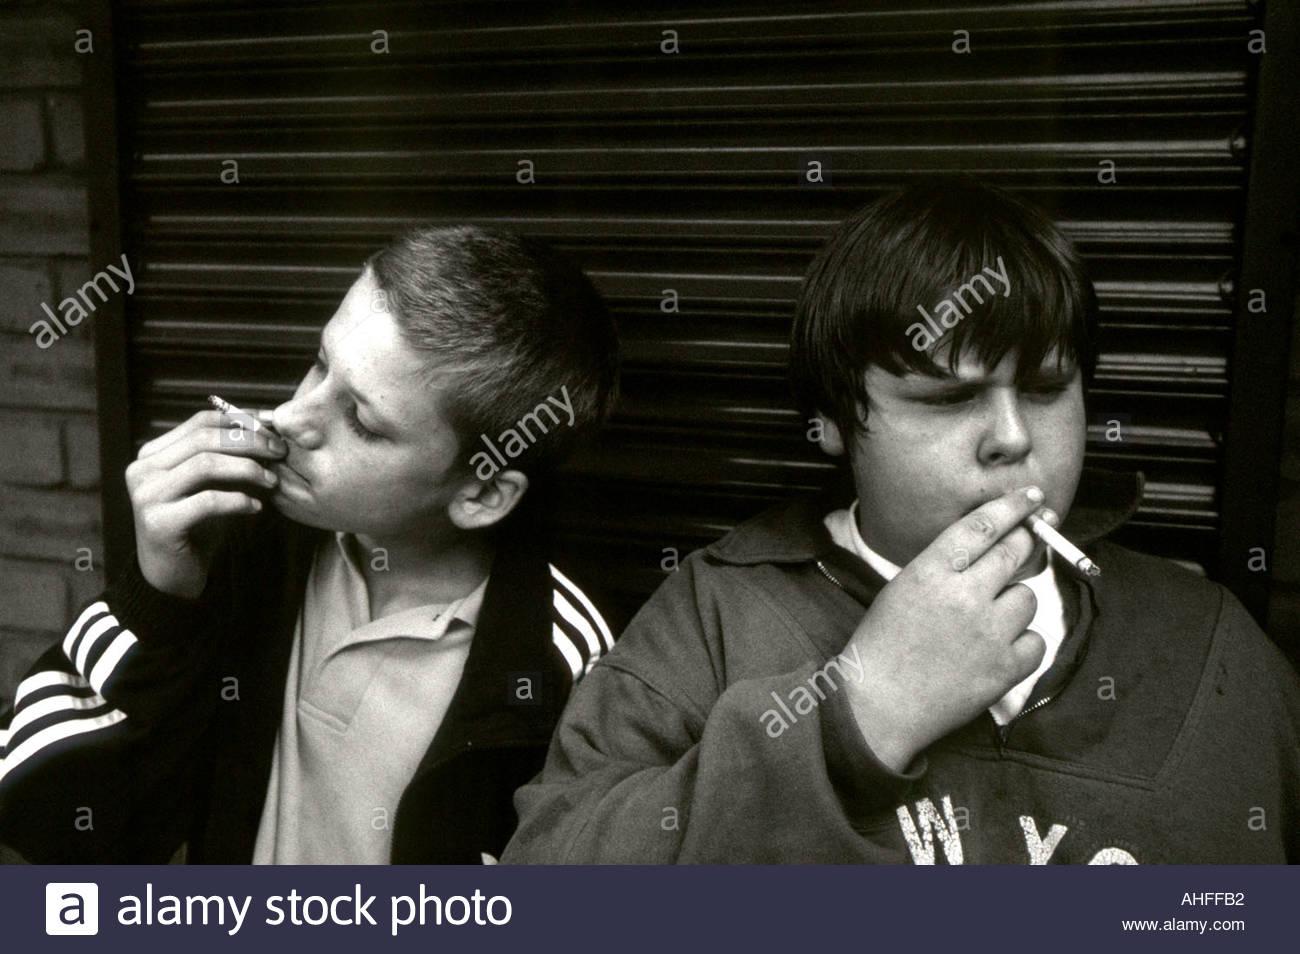 Boys smoking cigarettes uk